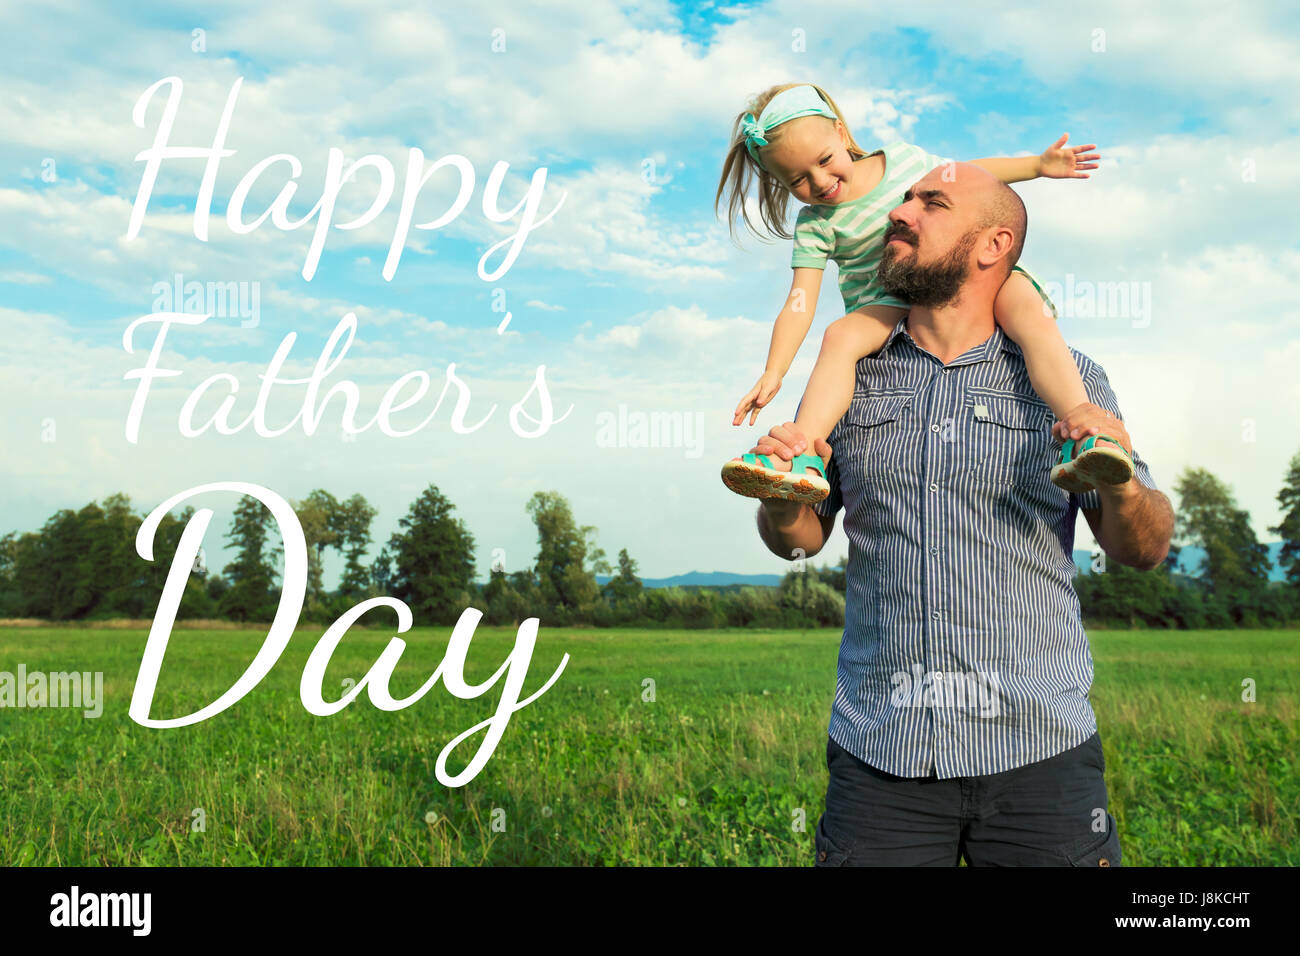 Entzückende Tochter und Vater Portrait, glückliche Familie, Vatertag Konzept Stockbild